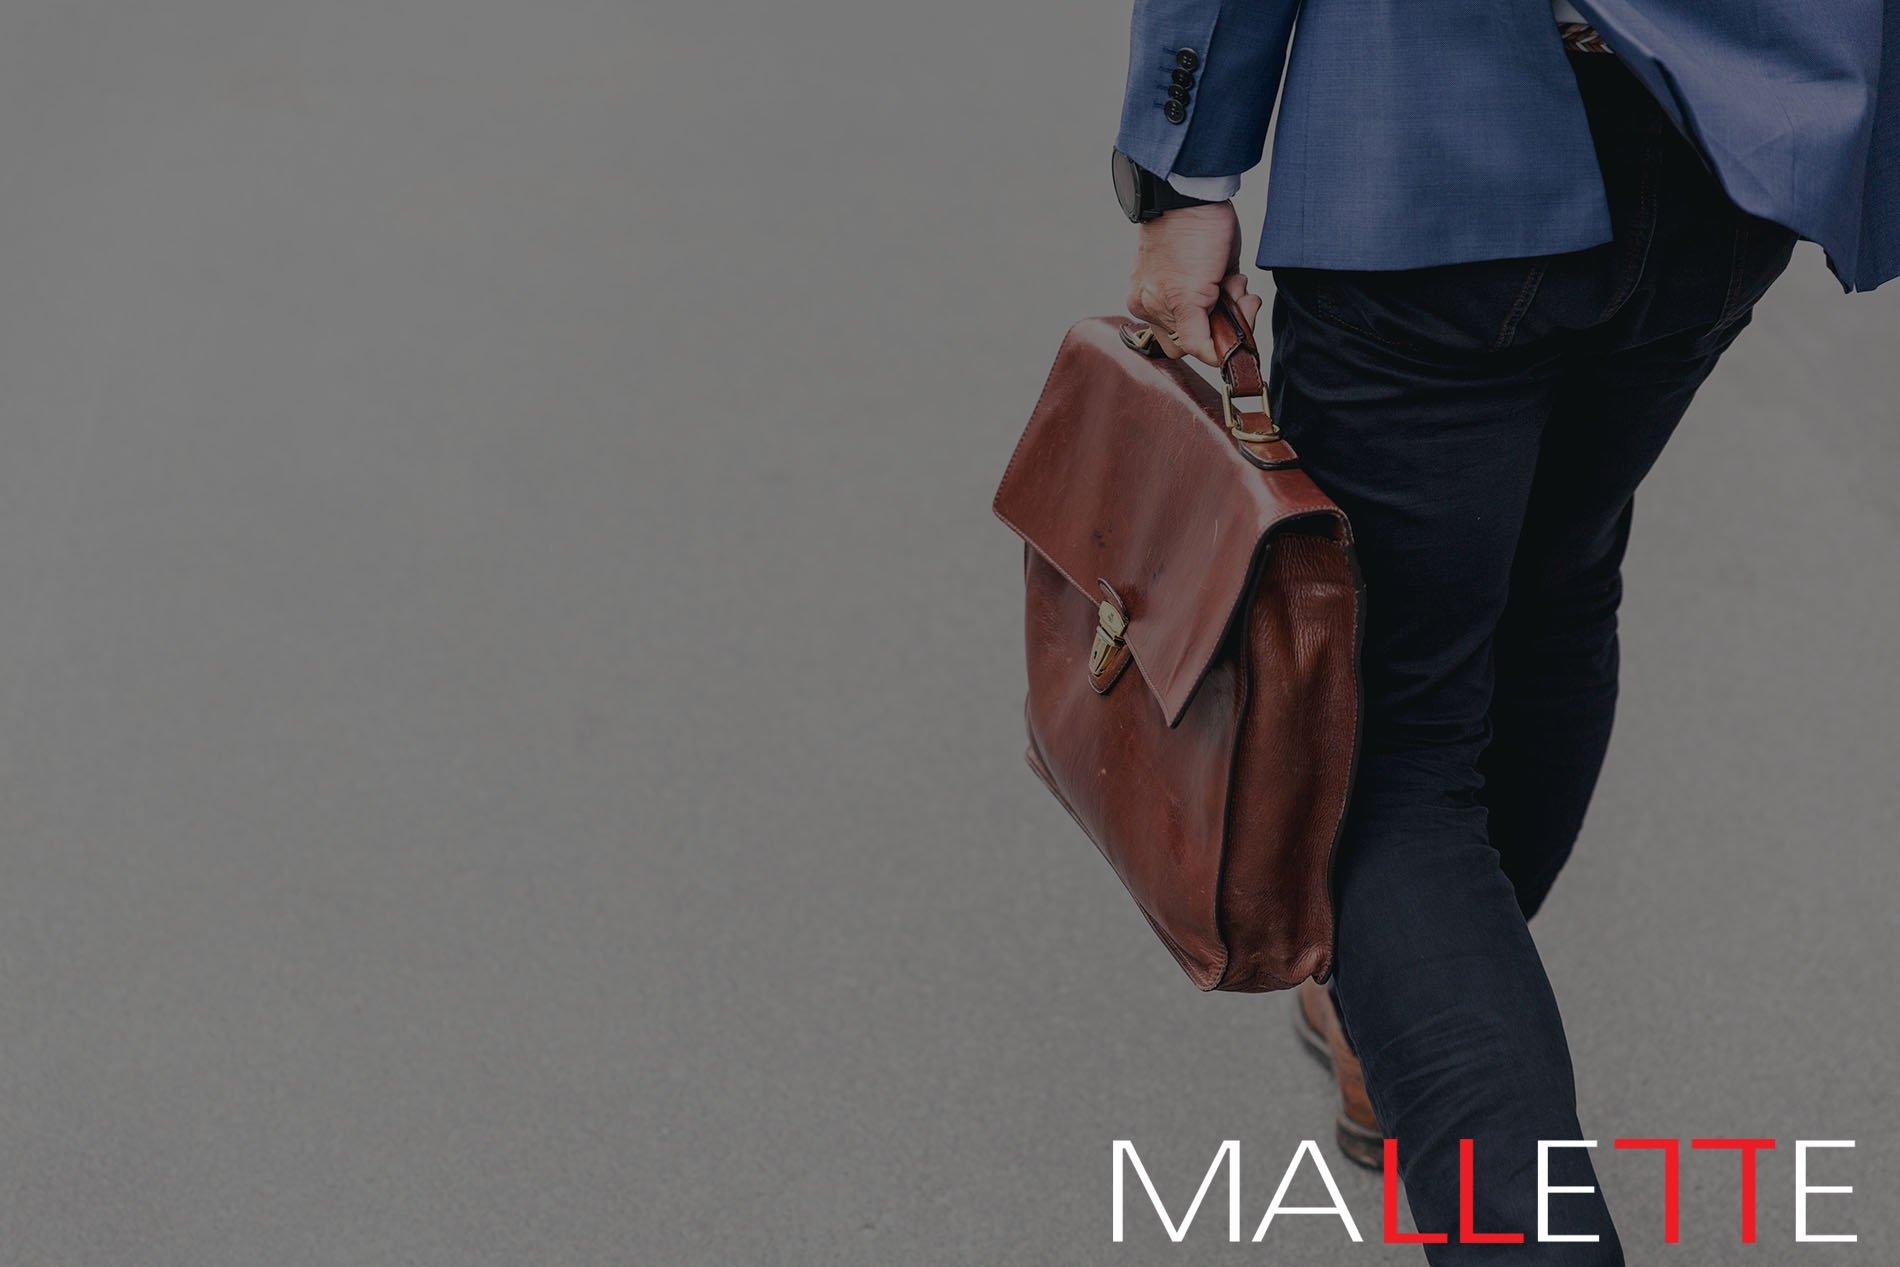 Image client Mallette